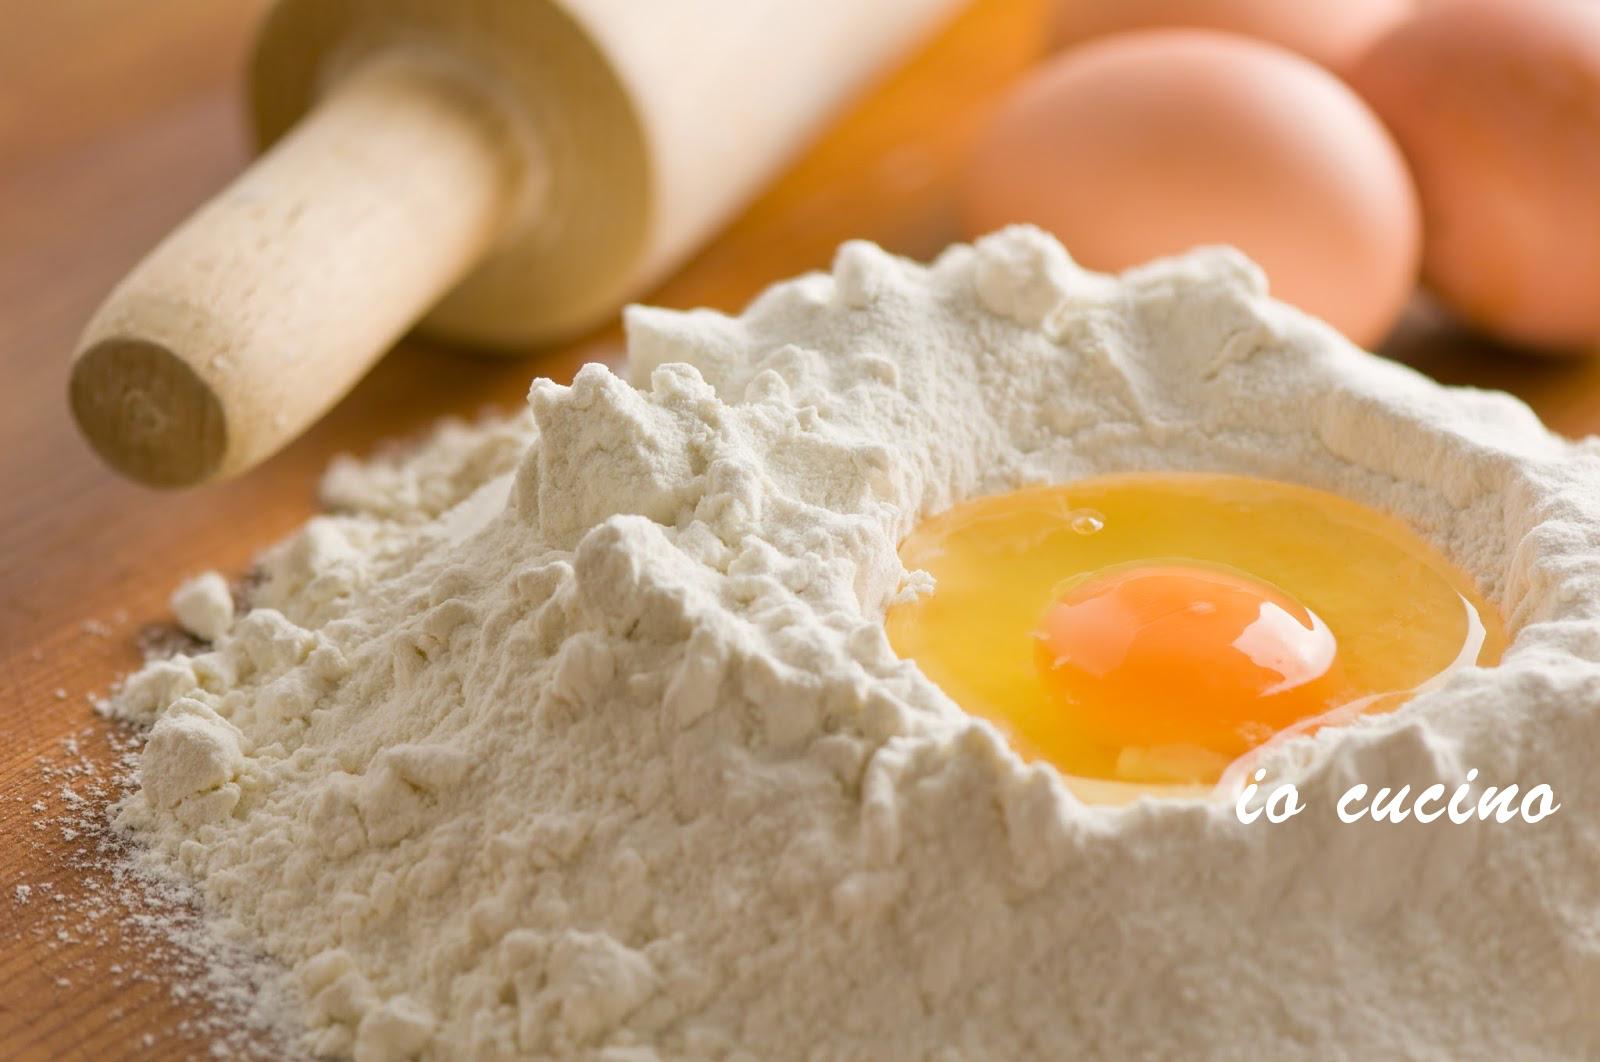 Impasto per pasta fresca all'uovo ripiena